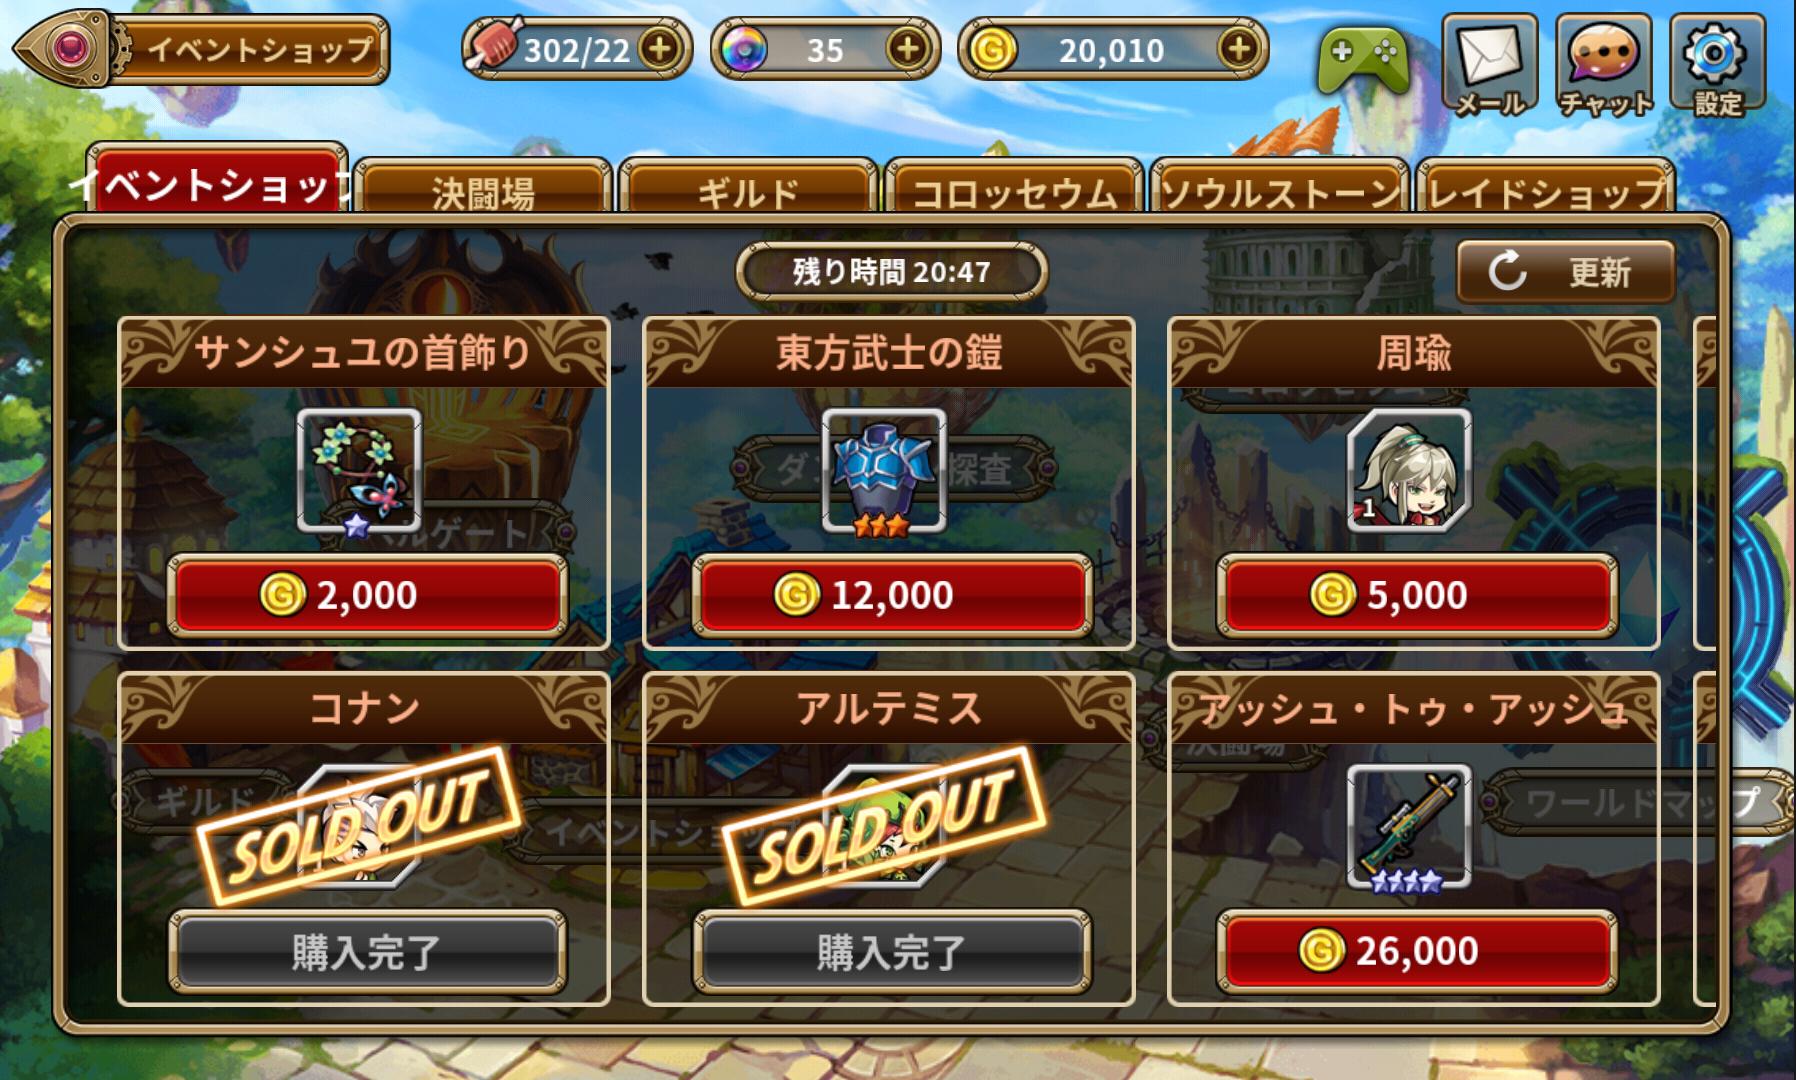 ボコスカ英雄伝 androidアプリスクリーンショット3